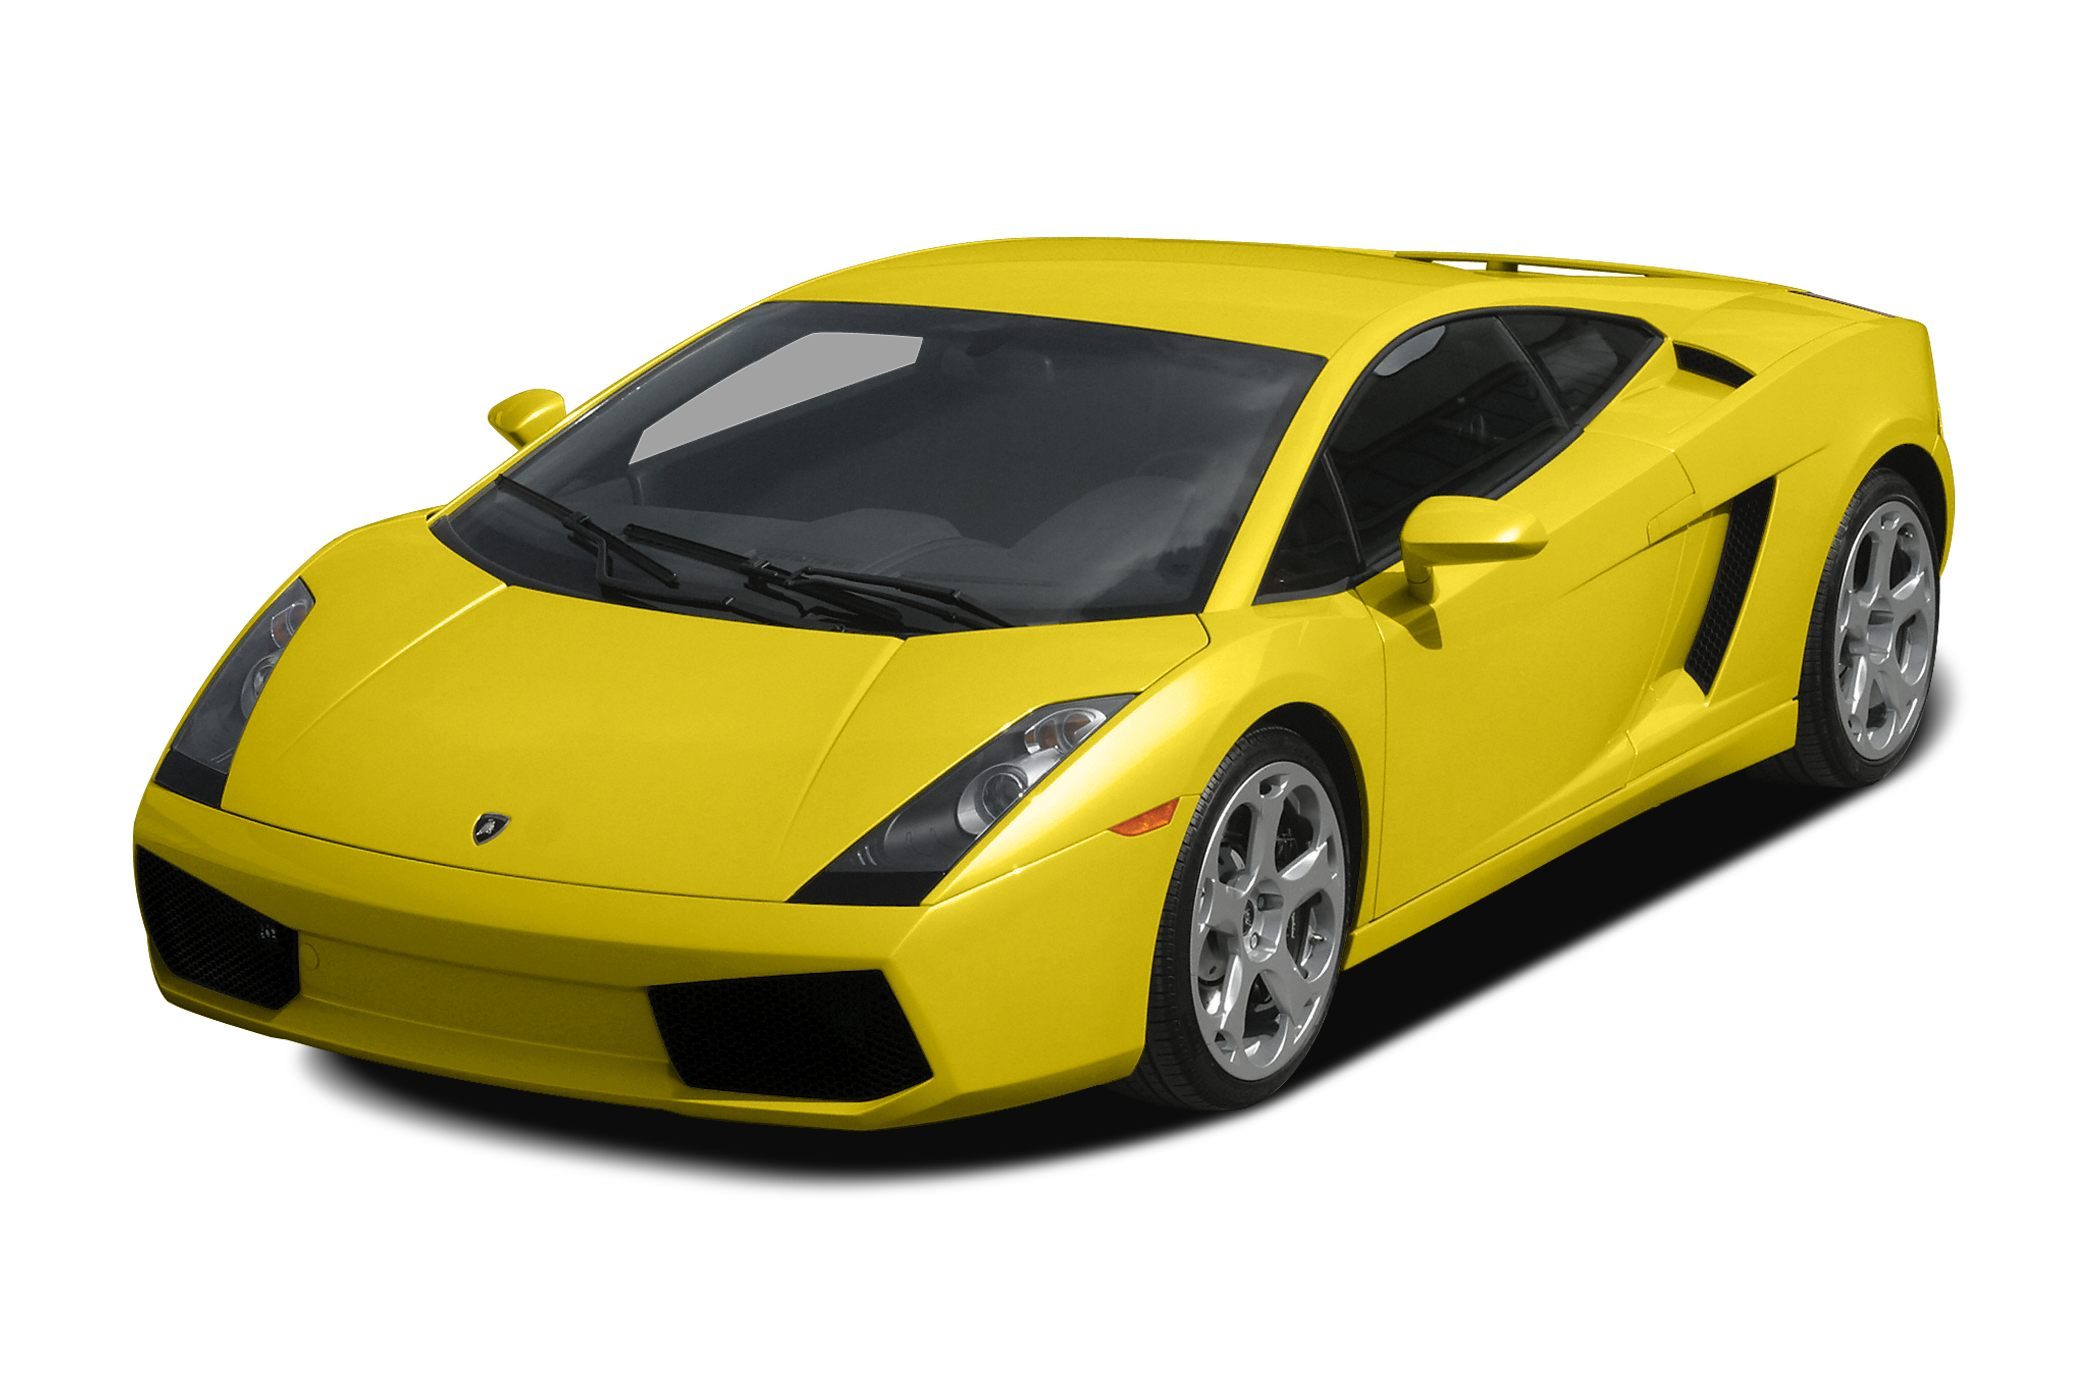 2008 Lamborghini Gallardo Specs And Prices